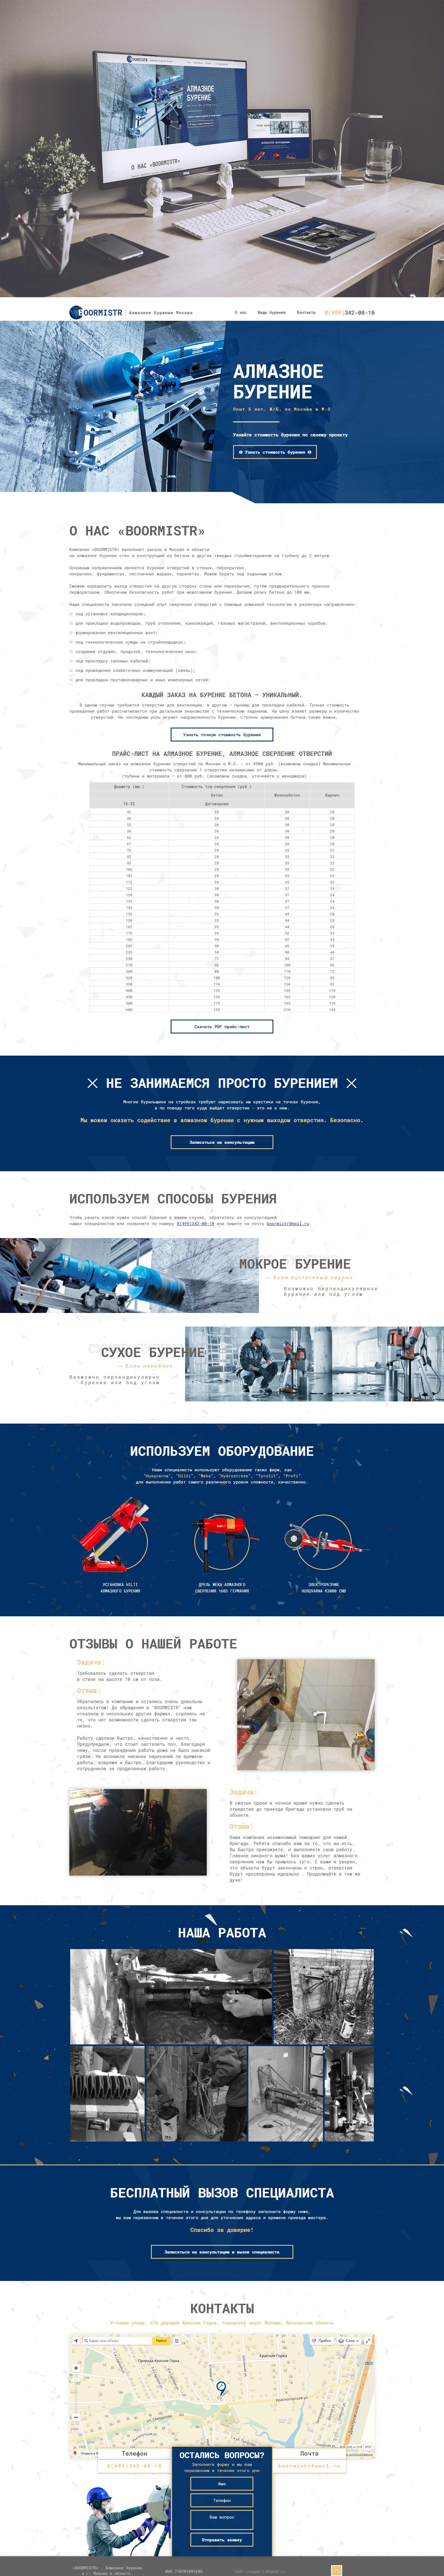 2017 год. Алмазное бурение. landing page под ключ +CMS + Адаптивность (Планшет, телефон, широкоформатный)